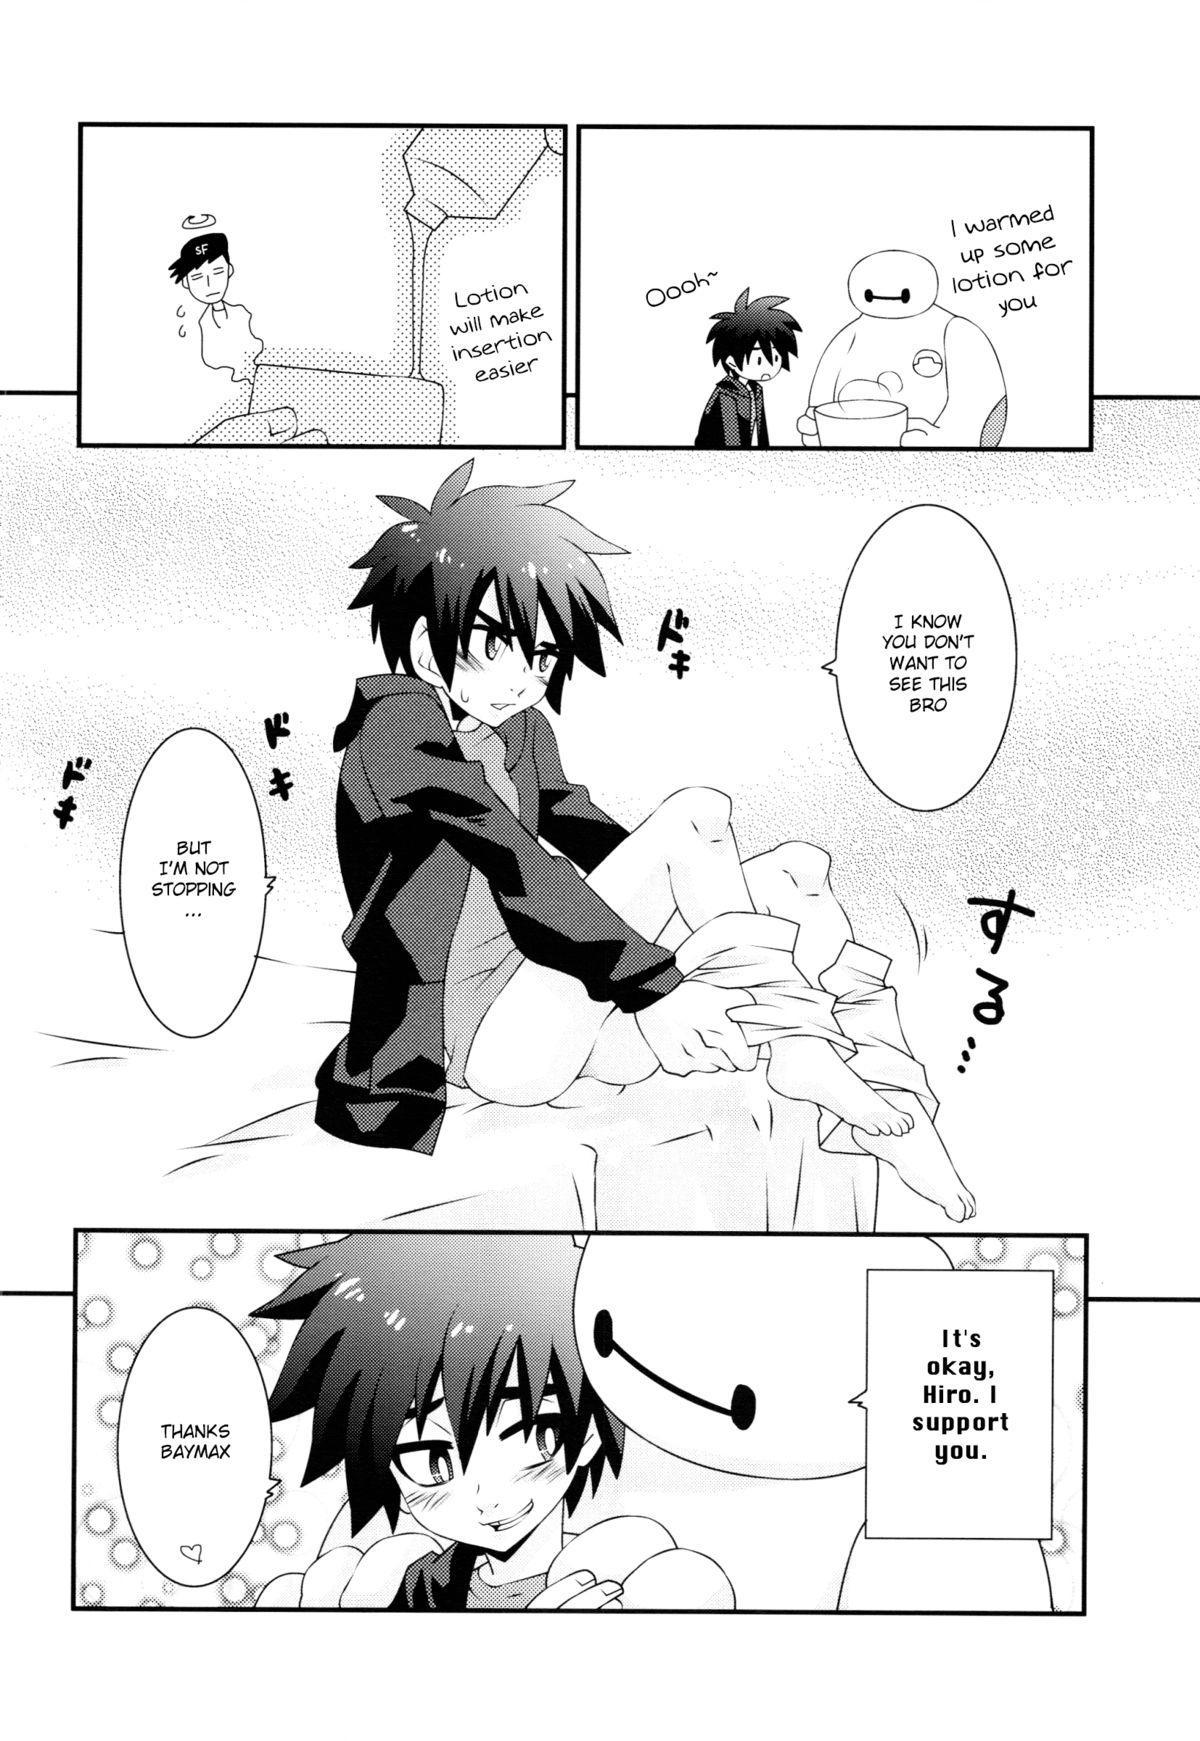 Hiro-kun no Hajimete 6